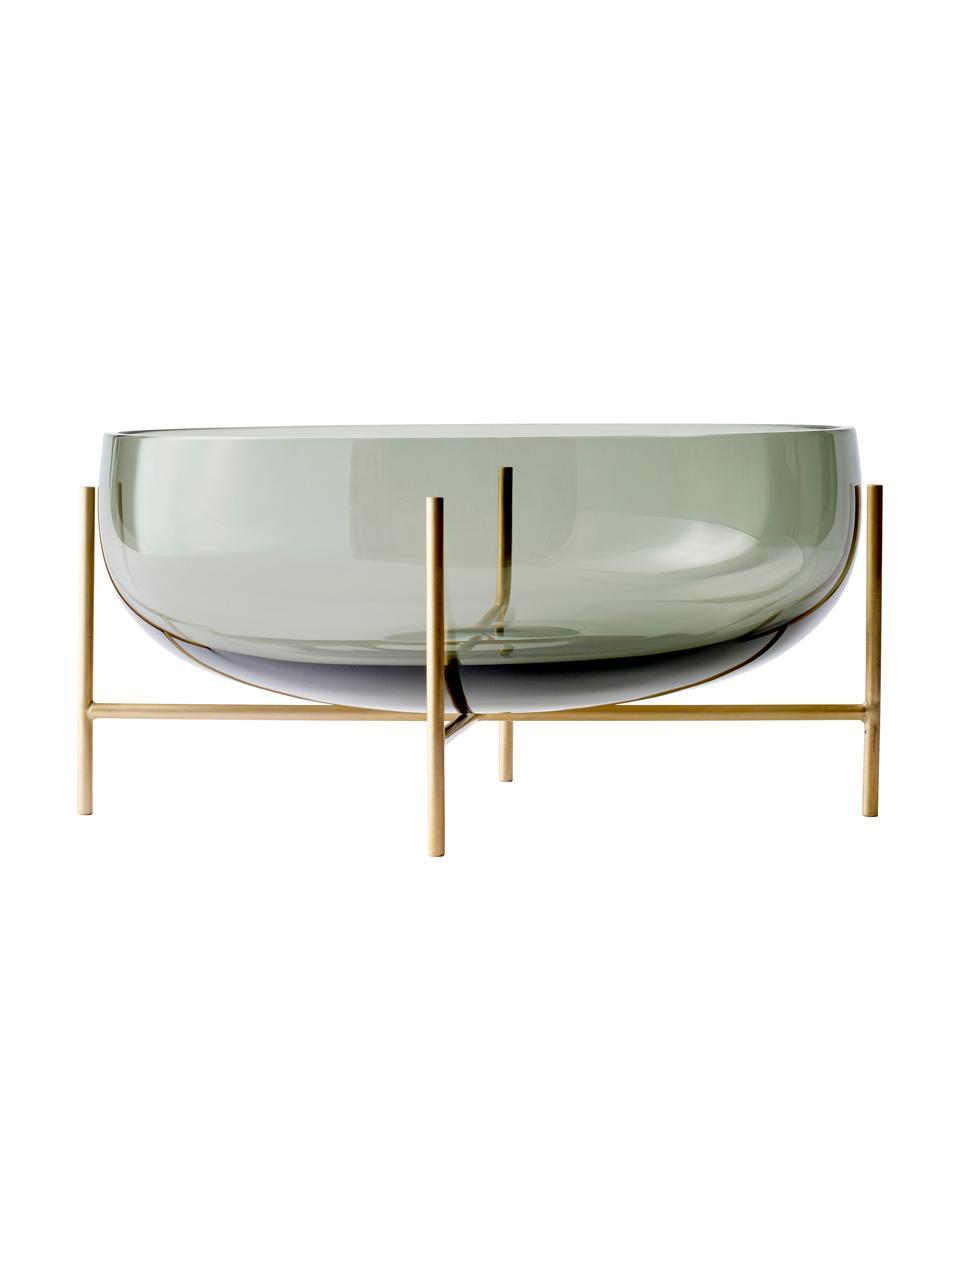 Ciotola Échasse, Struttura: ottone, Ciotola: vetro soffiato, Struttura: ottone Vaso: grigio, Ø 30 x A 14 cm